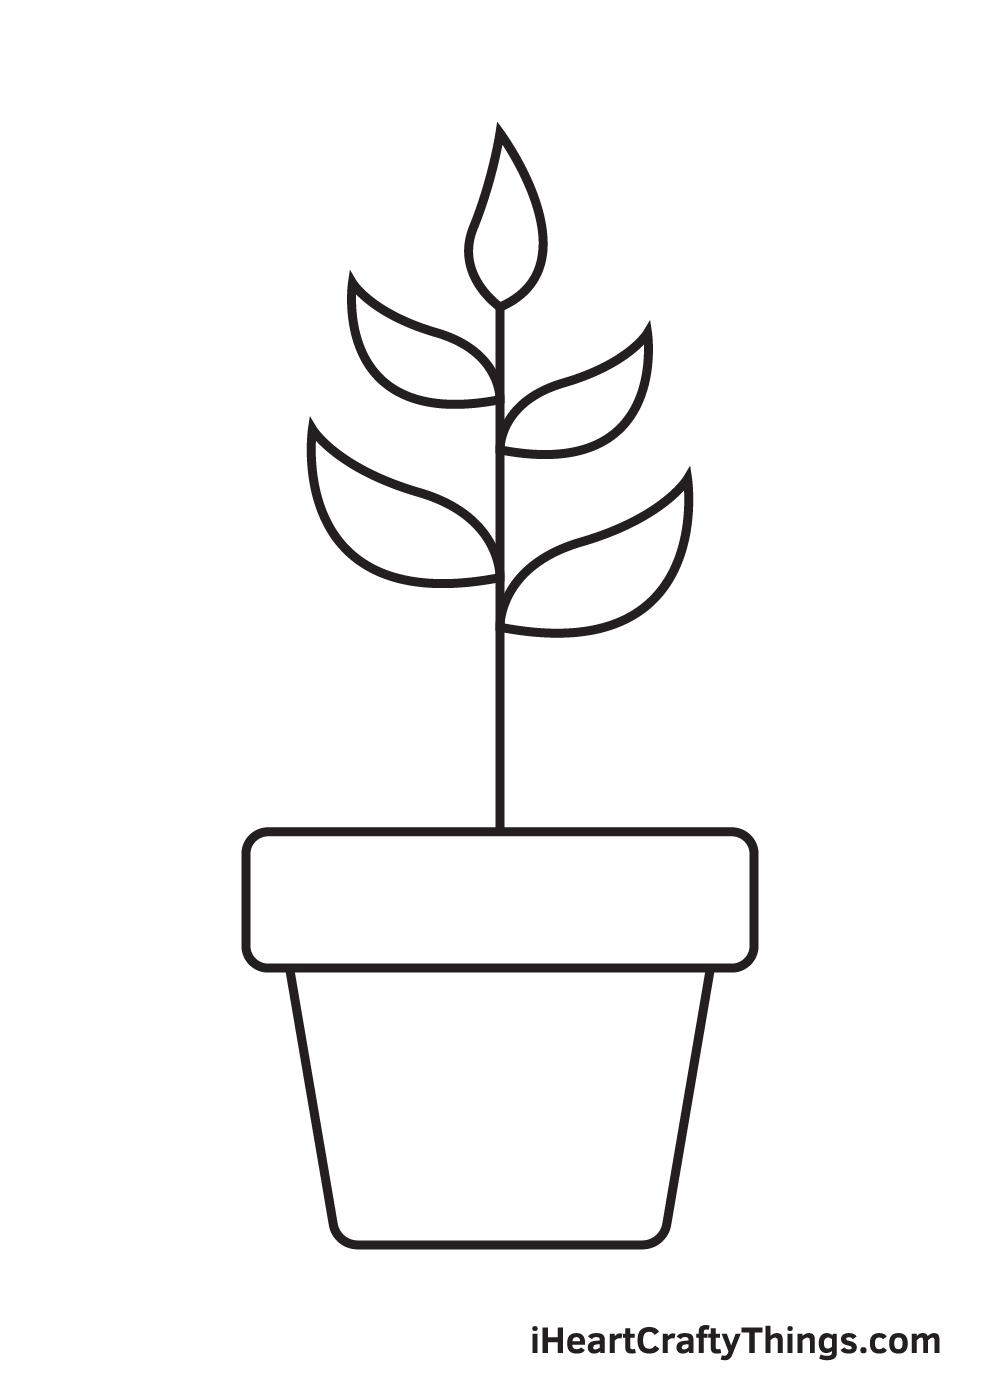 Bản vẽ thực vật - Bước 7